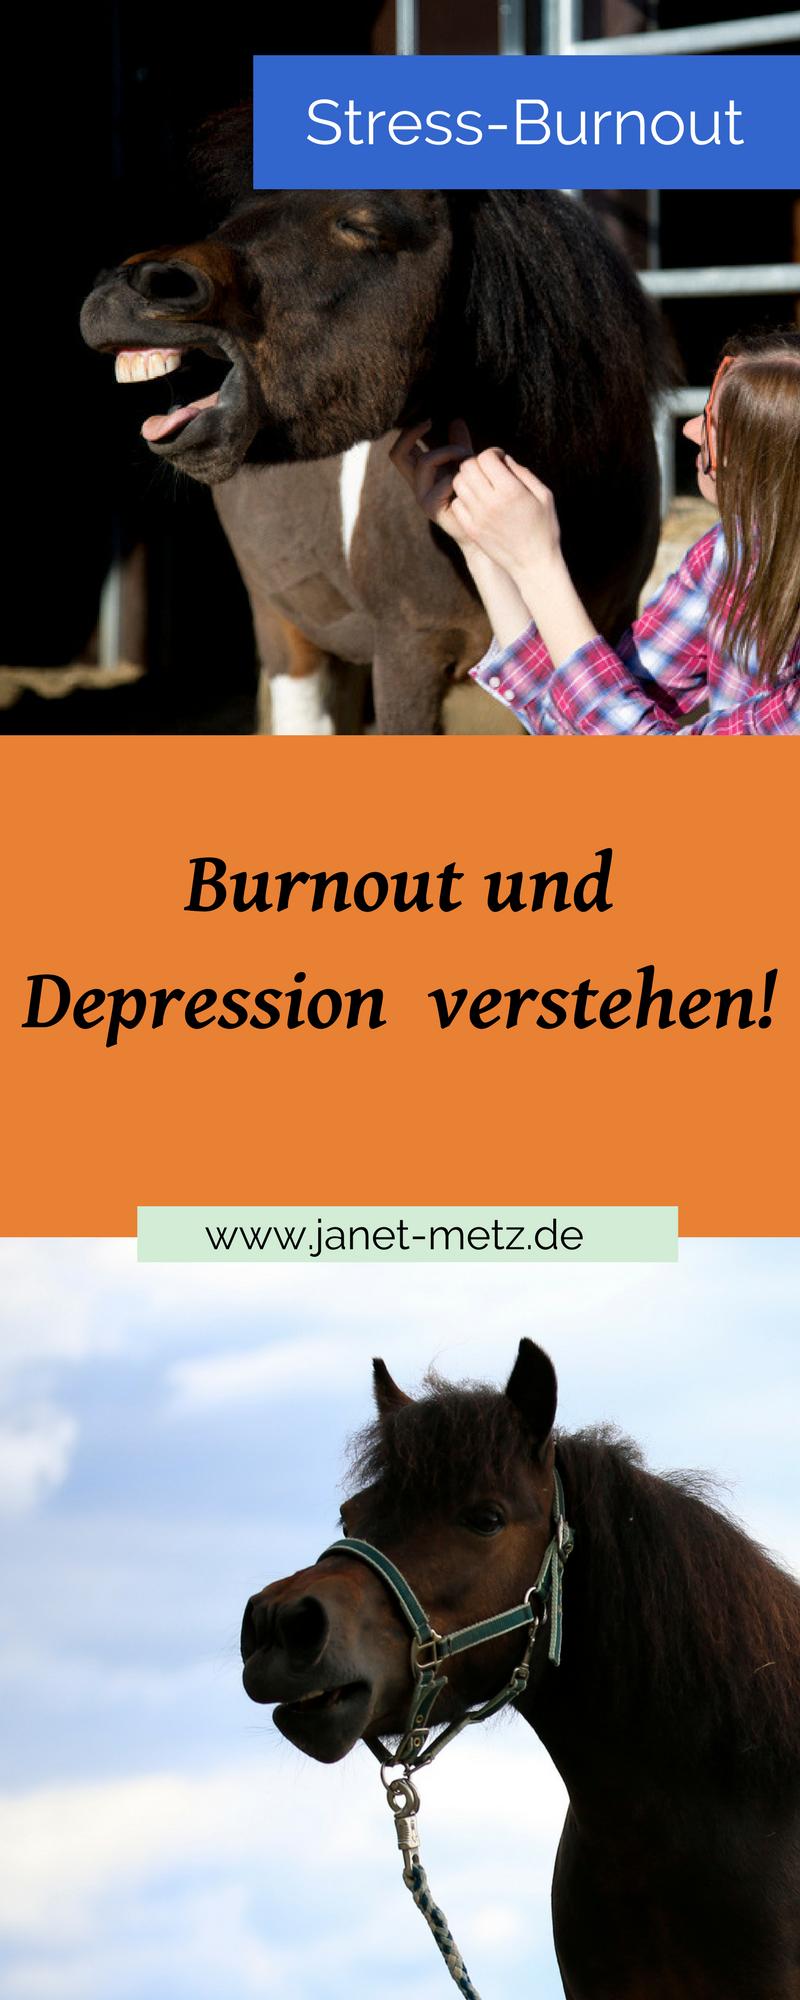 Burnout und Depression verstehen